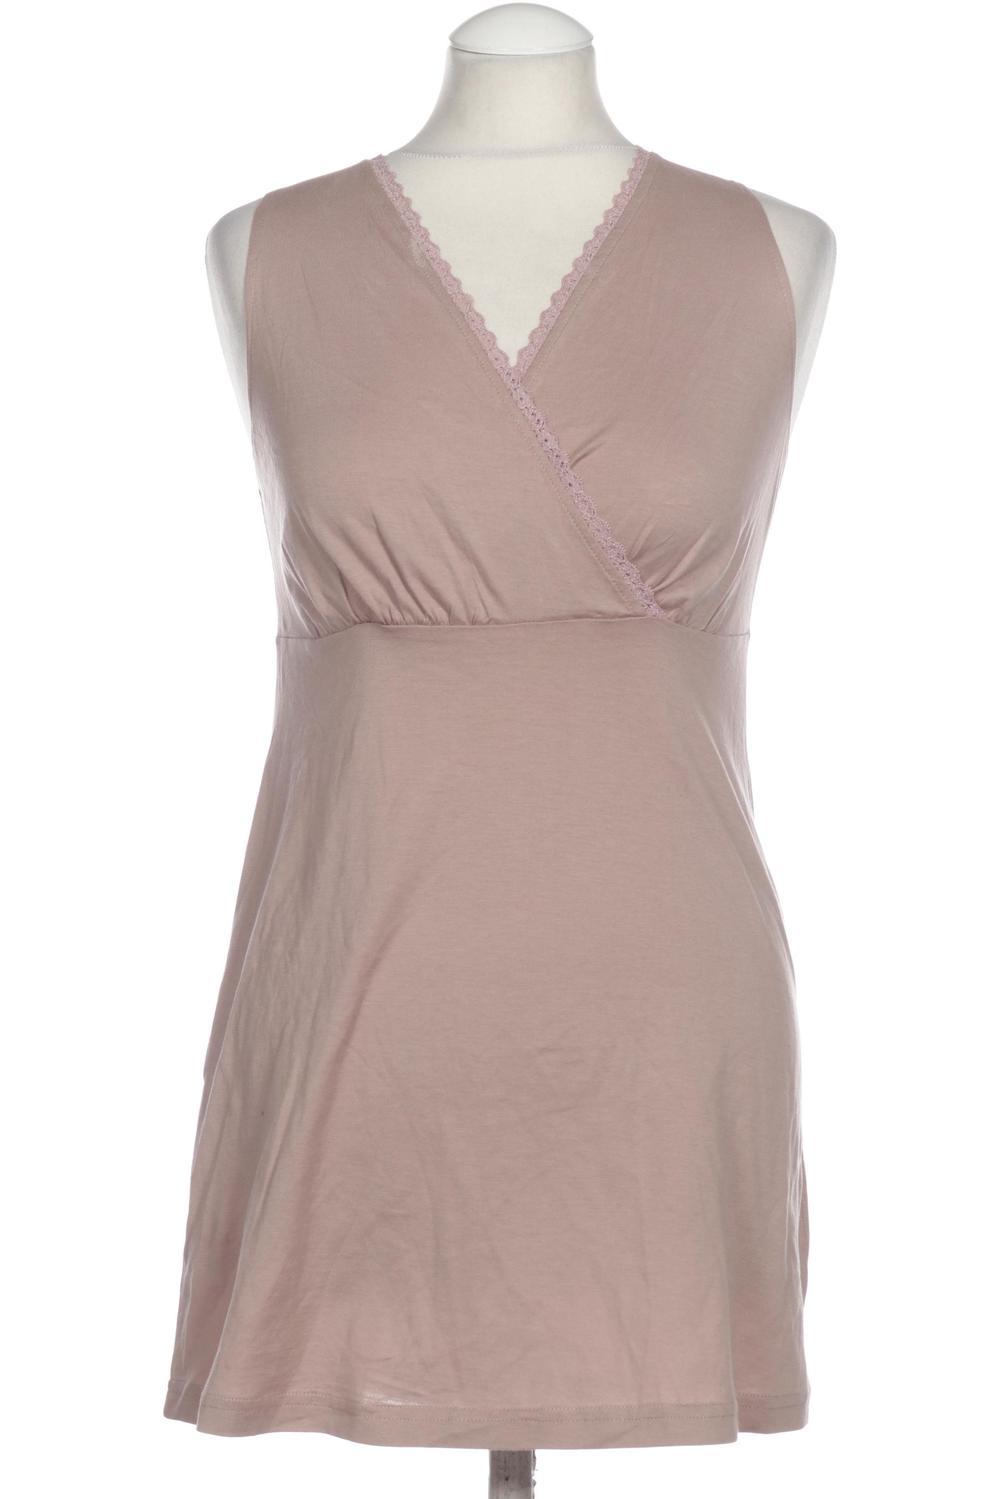 Details zu Avoca Kleid Damen Dress Damenkleid Gr. S Baumwolle beige #11ef11f